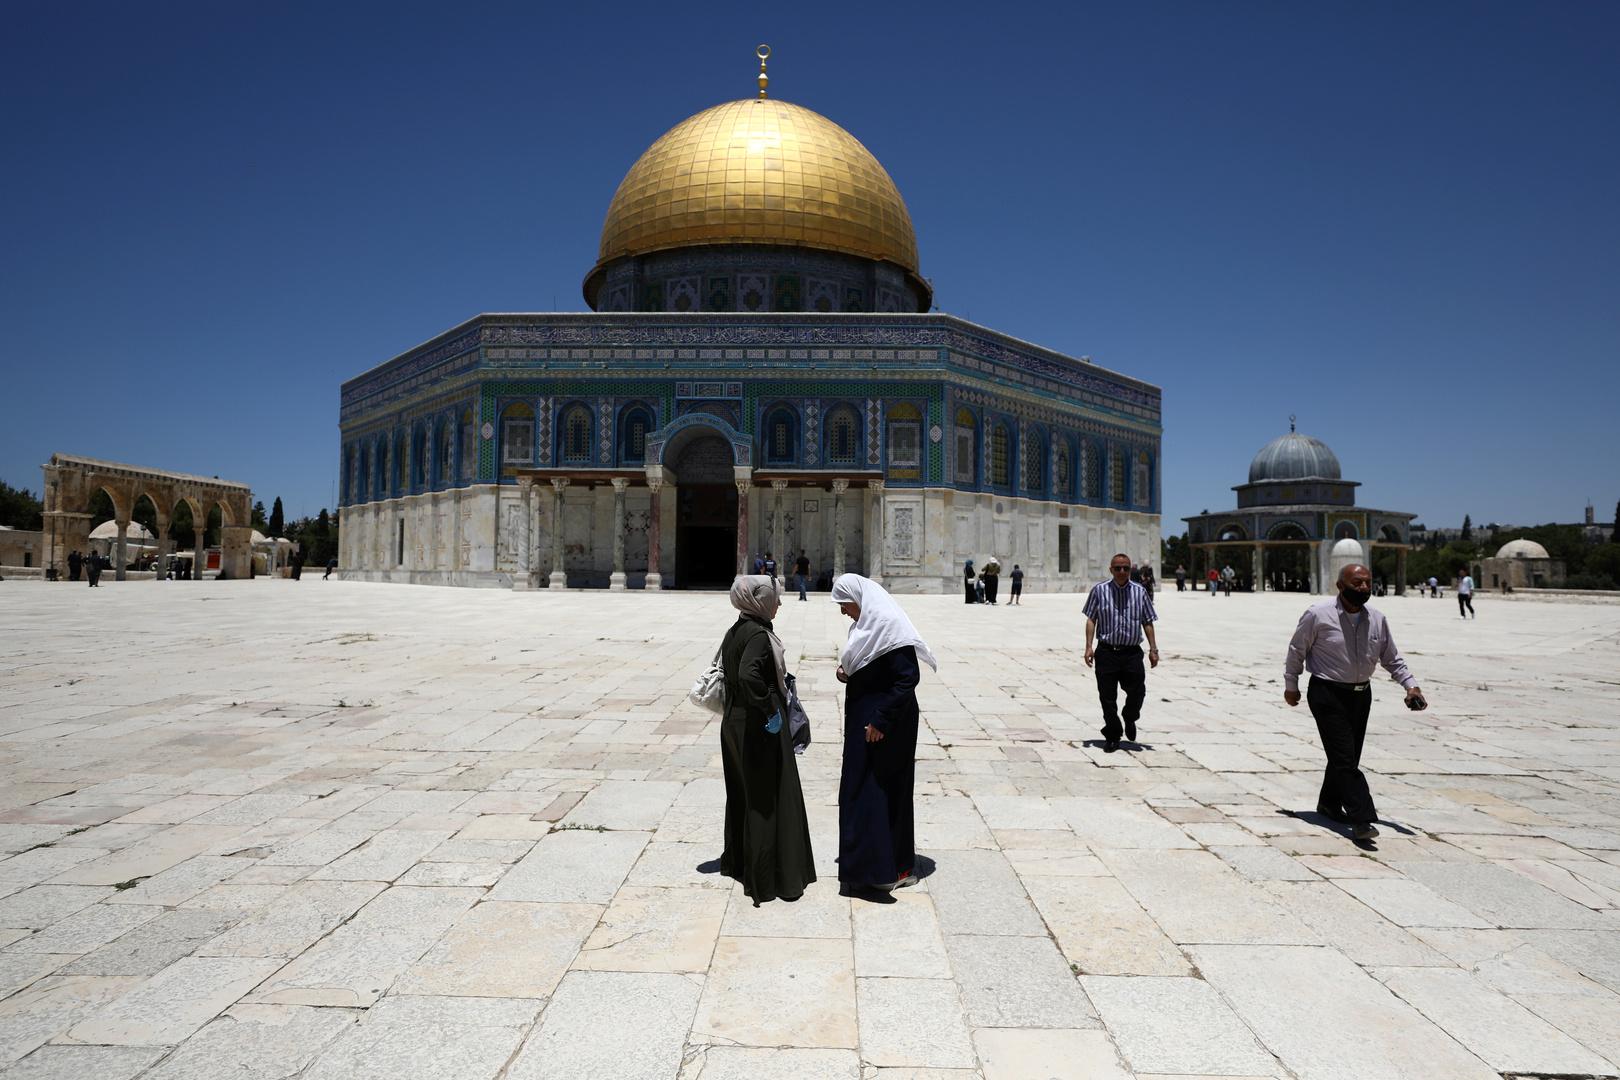 الإعلام الإسرائيلي: فلسطين رفضت طلب إسرائيل افتتاح نقطة تطعيم في الحرم القدسي